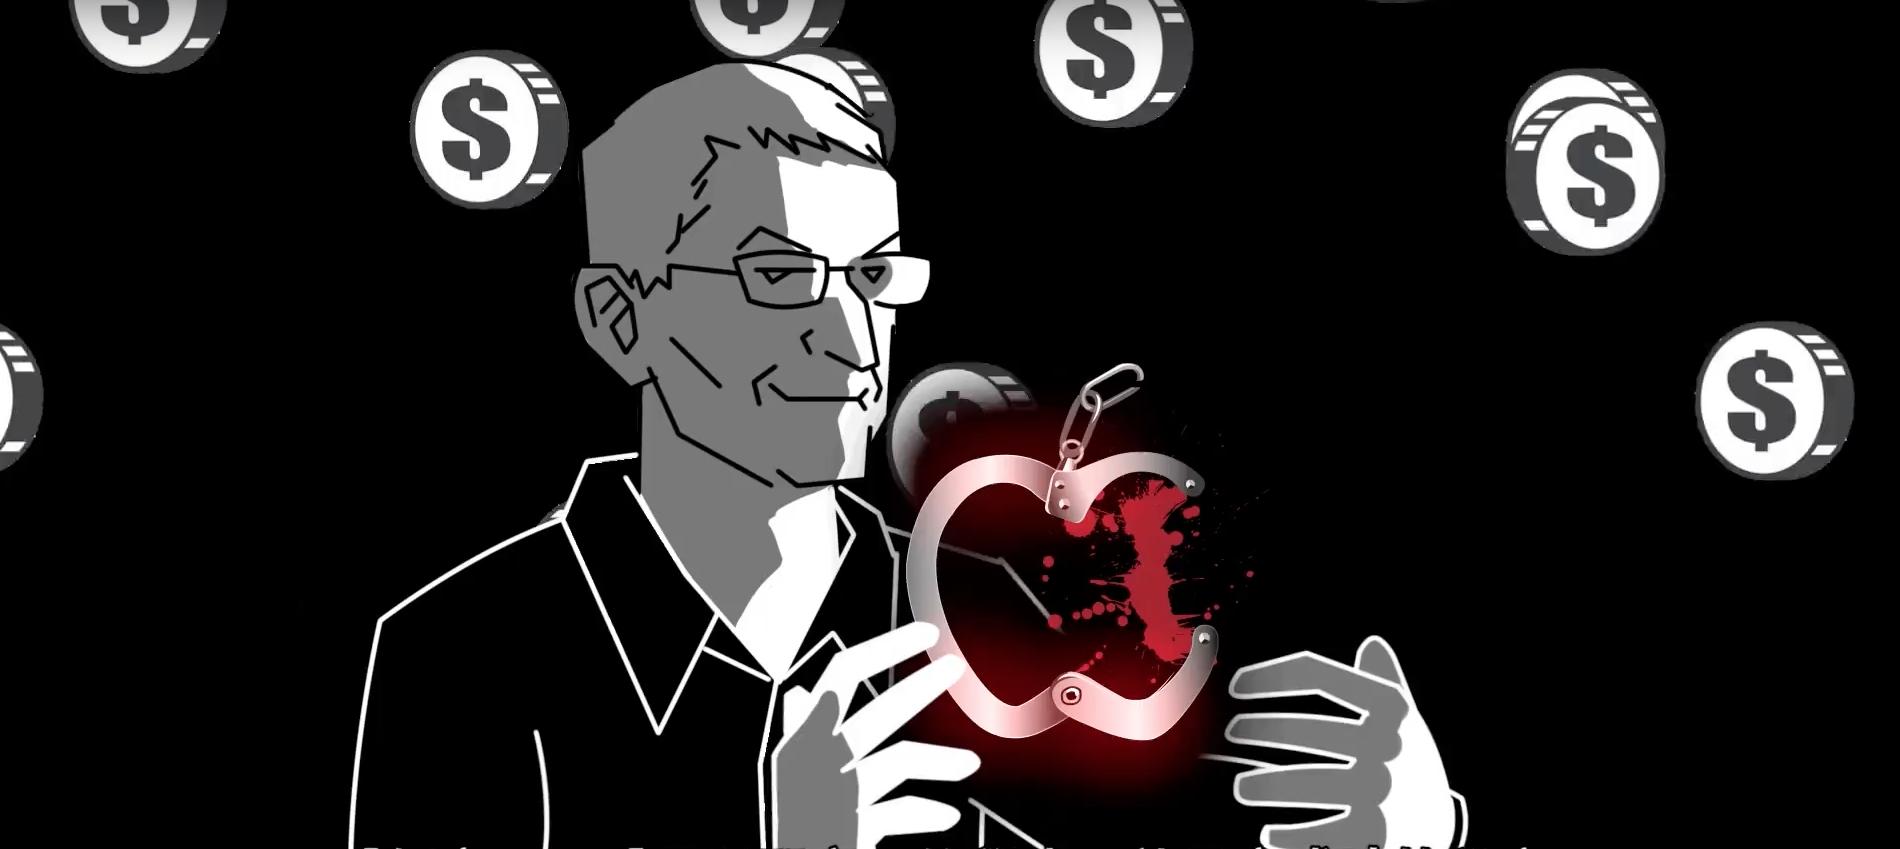 iSlave at 10: quatre vídeos que expliquen les condicions d'esclavitud per fabricar els iPhone